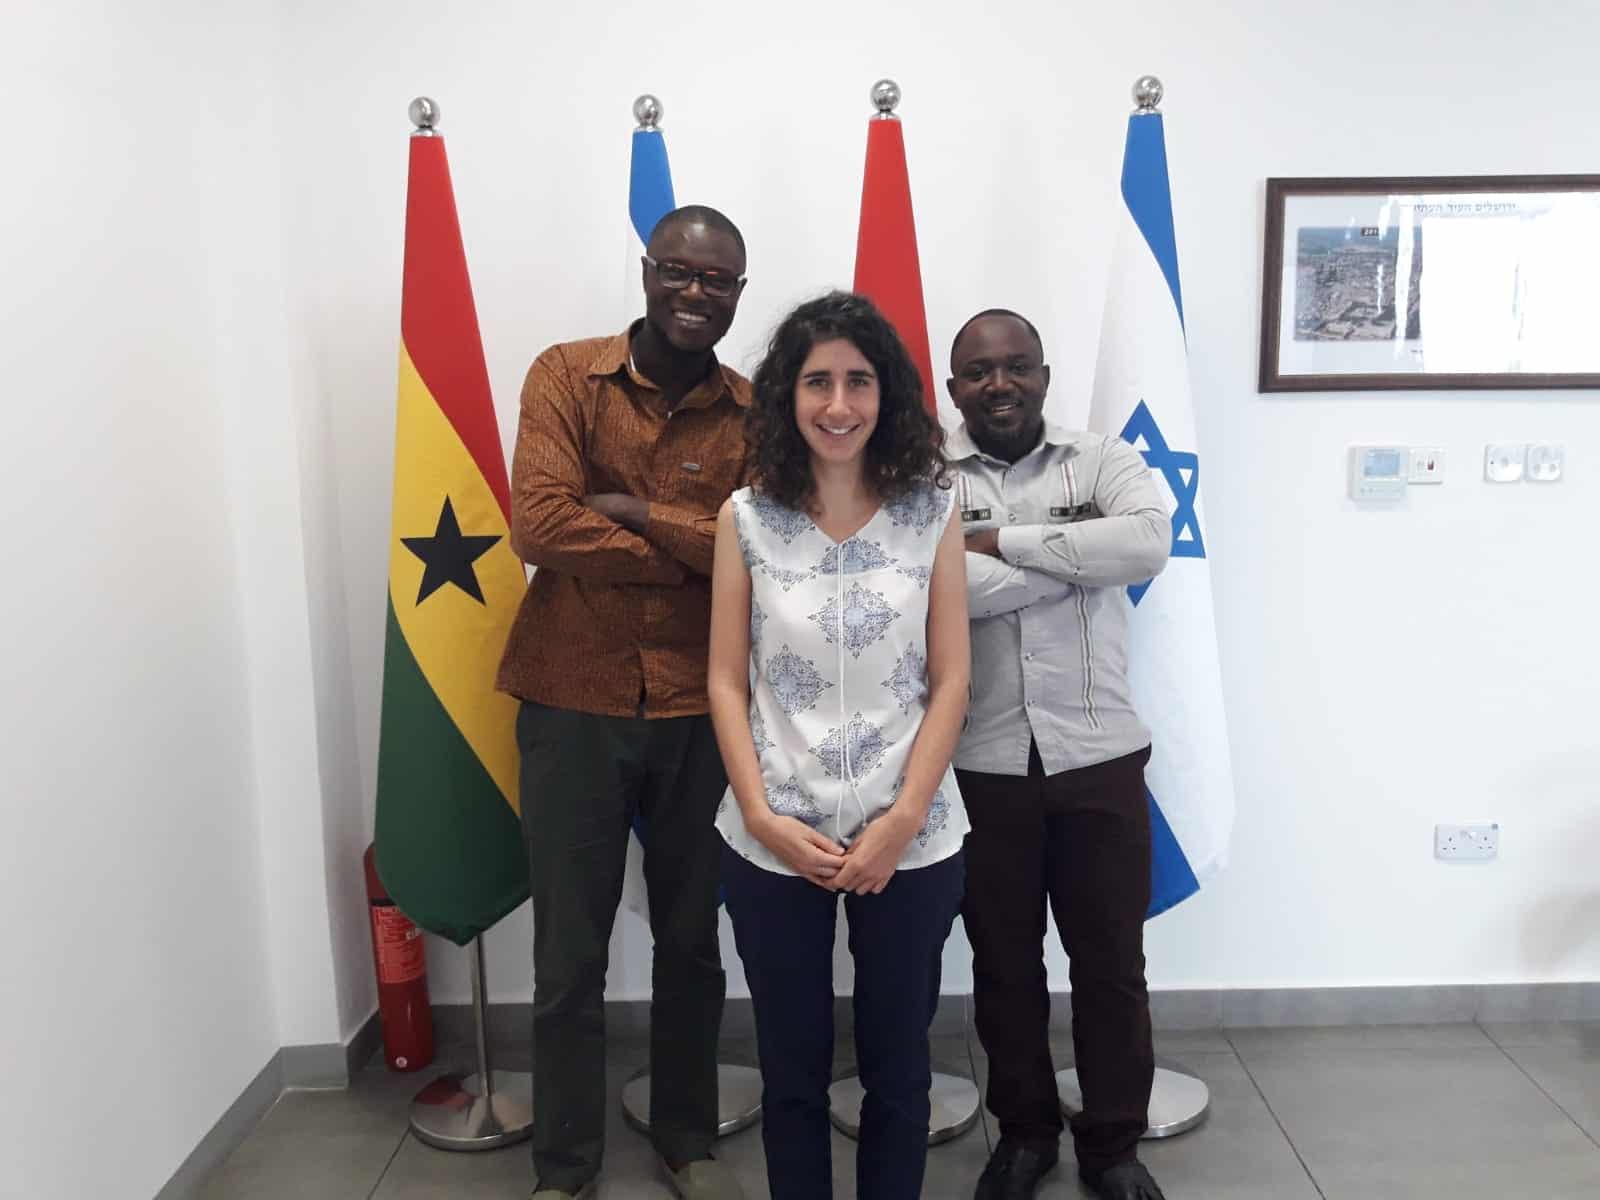 צוות הנציגות הכלכלית בגאנה, אפריקה